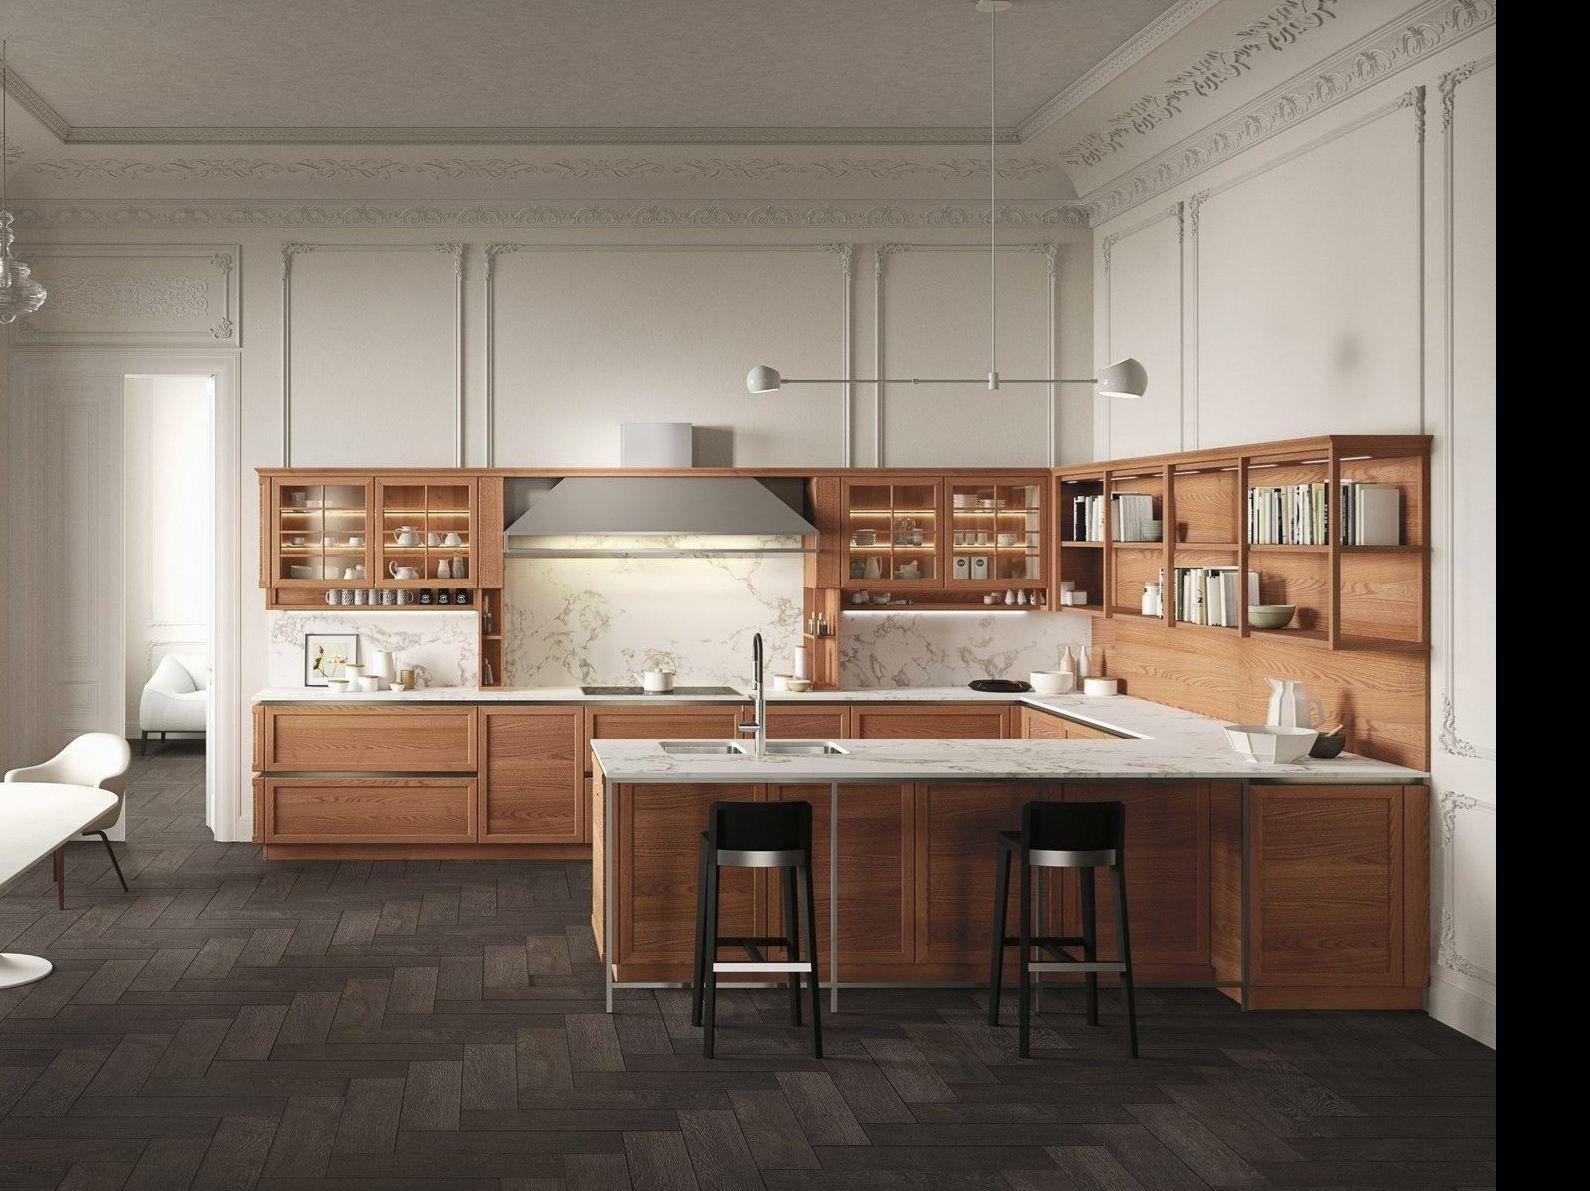 Cucina Moderna Anta A Telaio : Heritage cucina in legno by snaidero design massimo iosa ghini